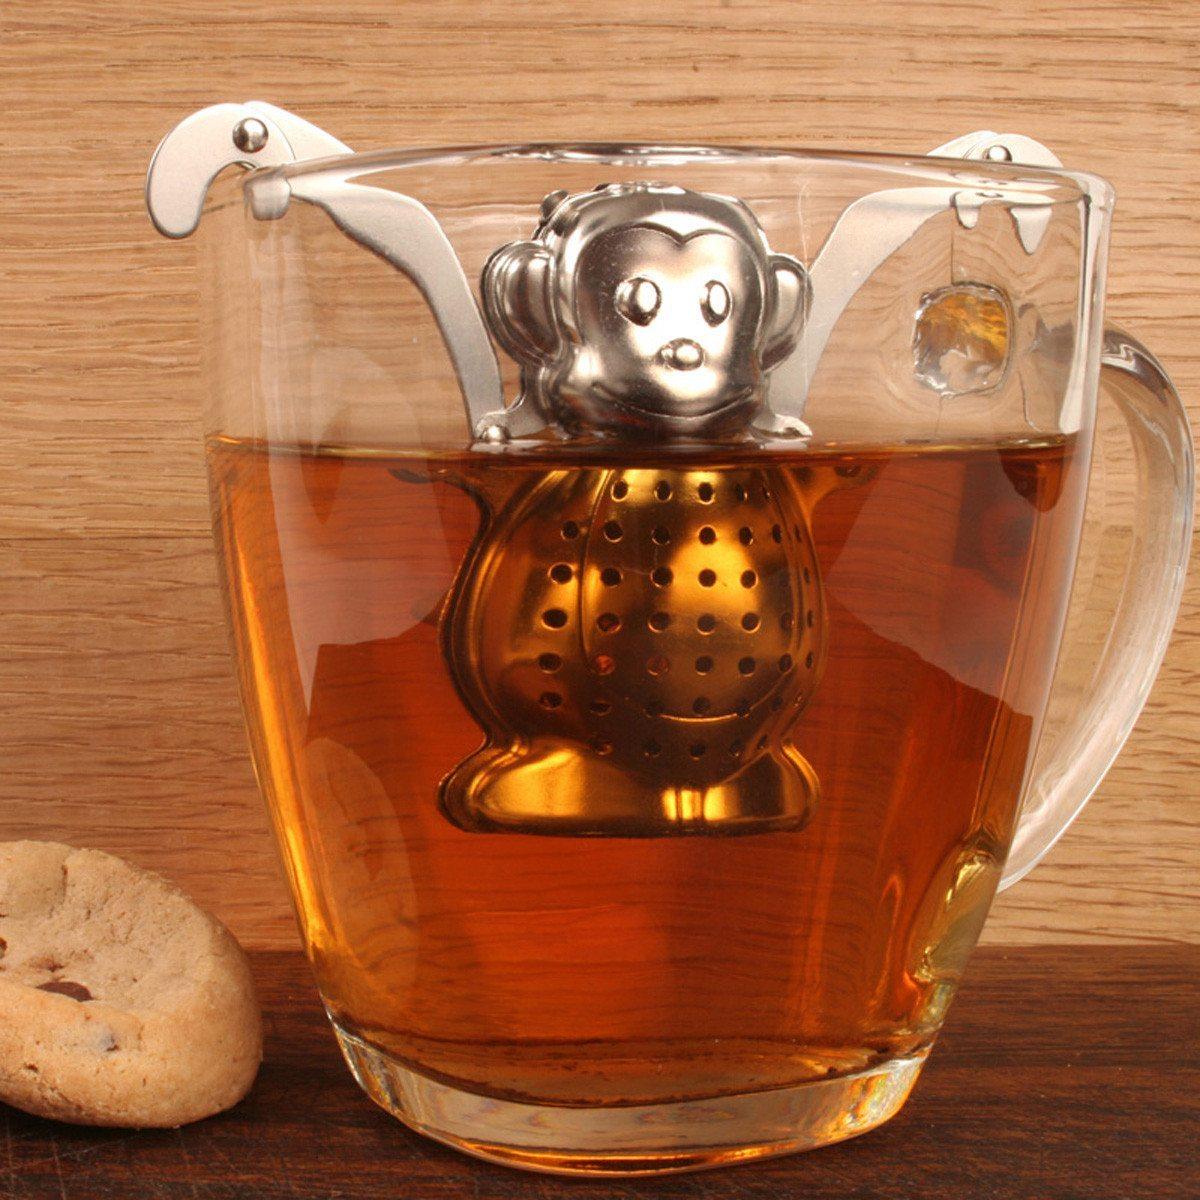 Colador de Té divertido - ¿Quién dijo que el té era aburrido?